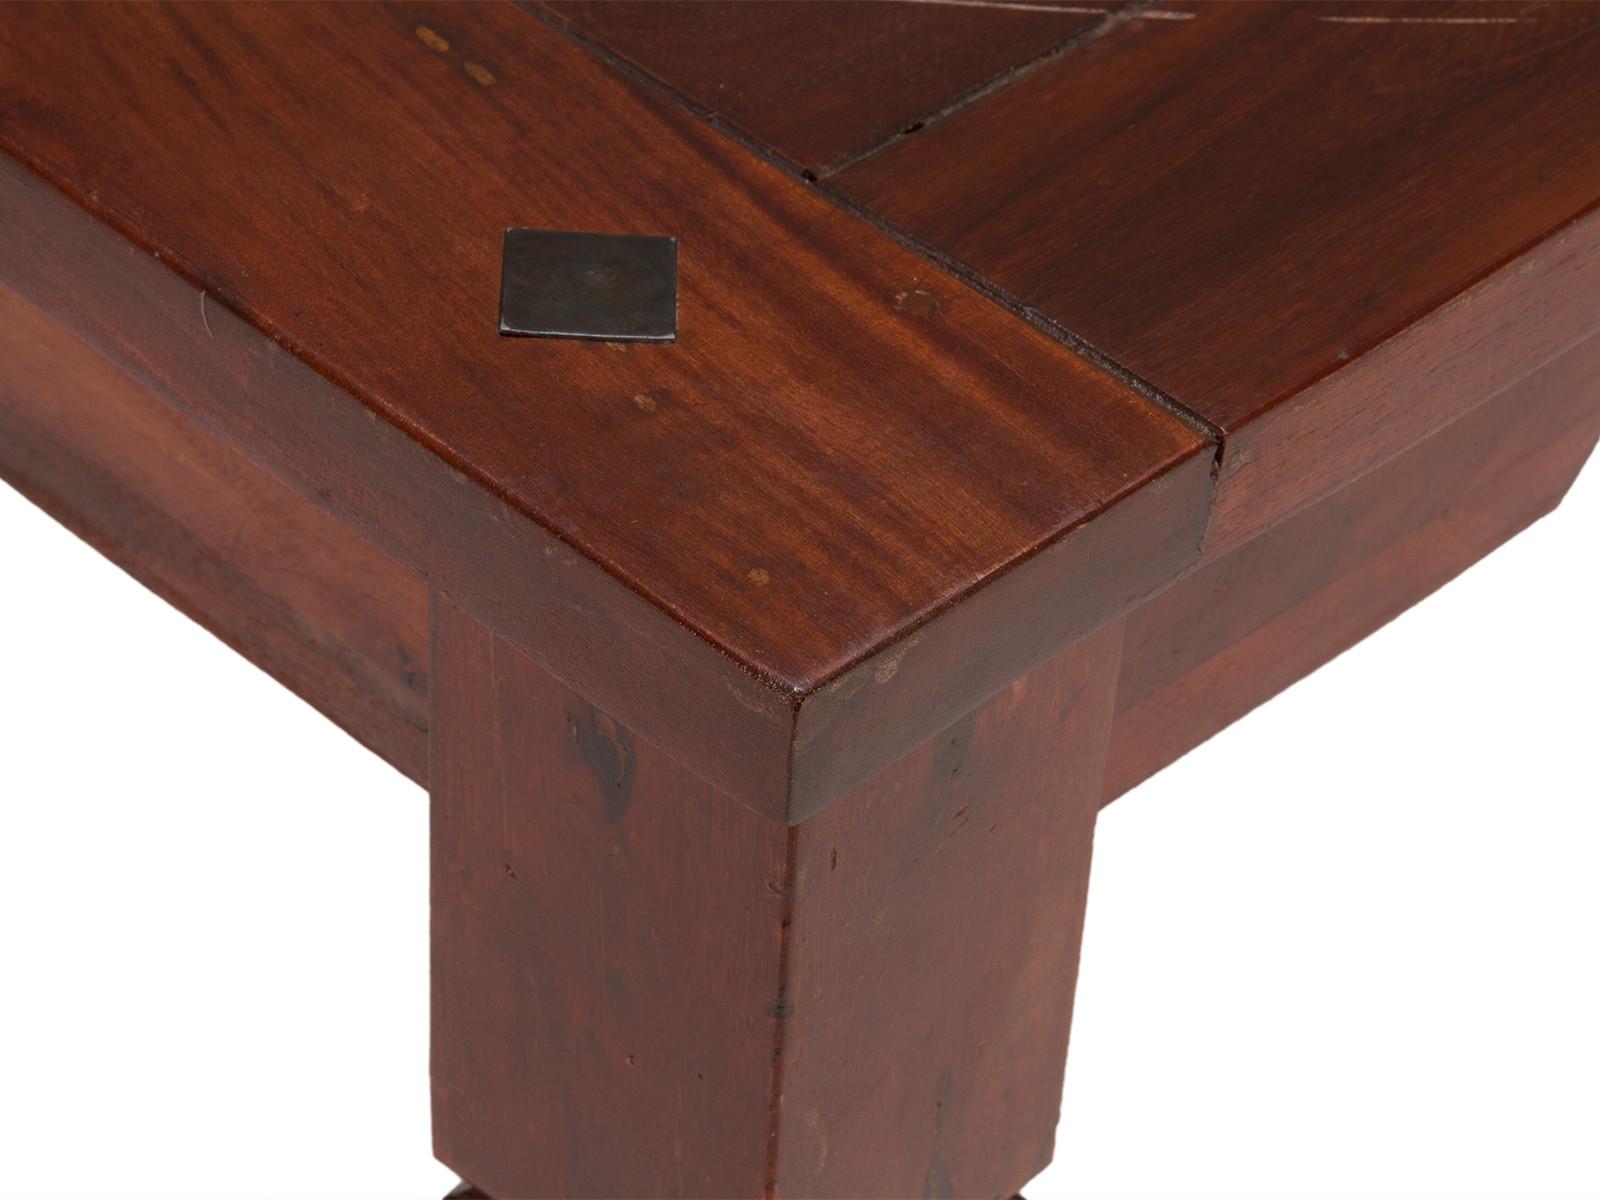 Full Size of Esstisch Kolonialstil Quadratisch Zuhause Vintage Bett Stühle Beton Rund Mit Stühlen Und Esstische Holz Pendelleuchte Deckenlampe Massiv Ovaler Ausziehbar Esstische Esstisch Kolonialstil